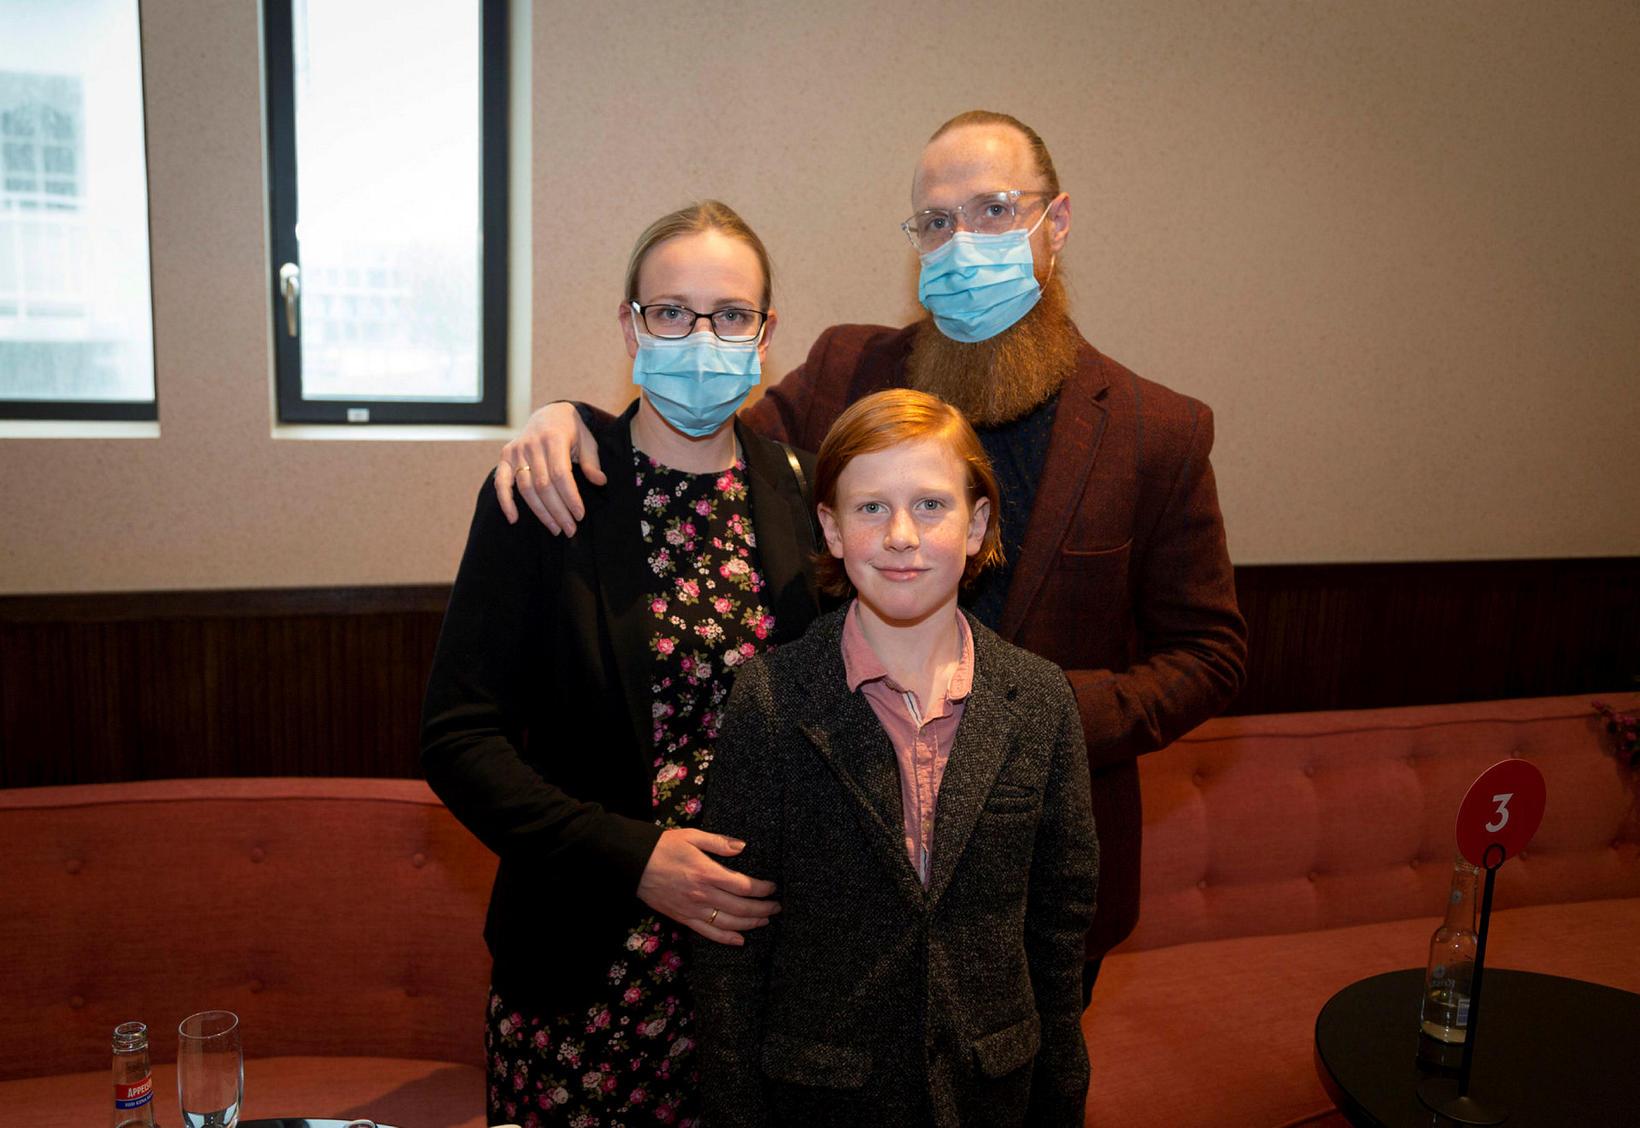 Hólmfríður Birna Guðmundsdóttir, Benedikt Aron Jóhannsson og Jóhann Ingi Benediktsson.